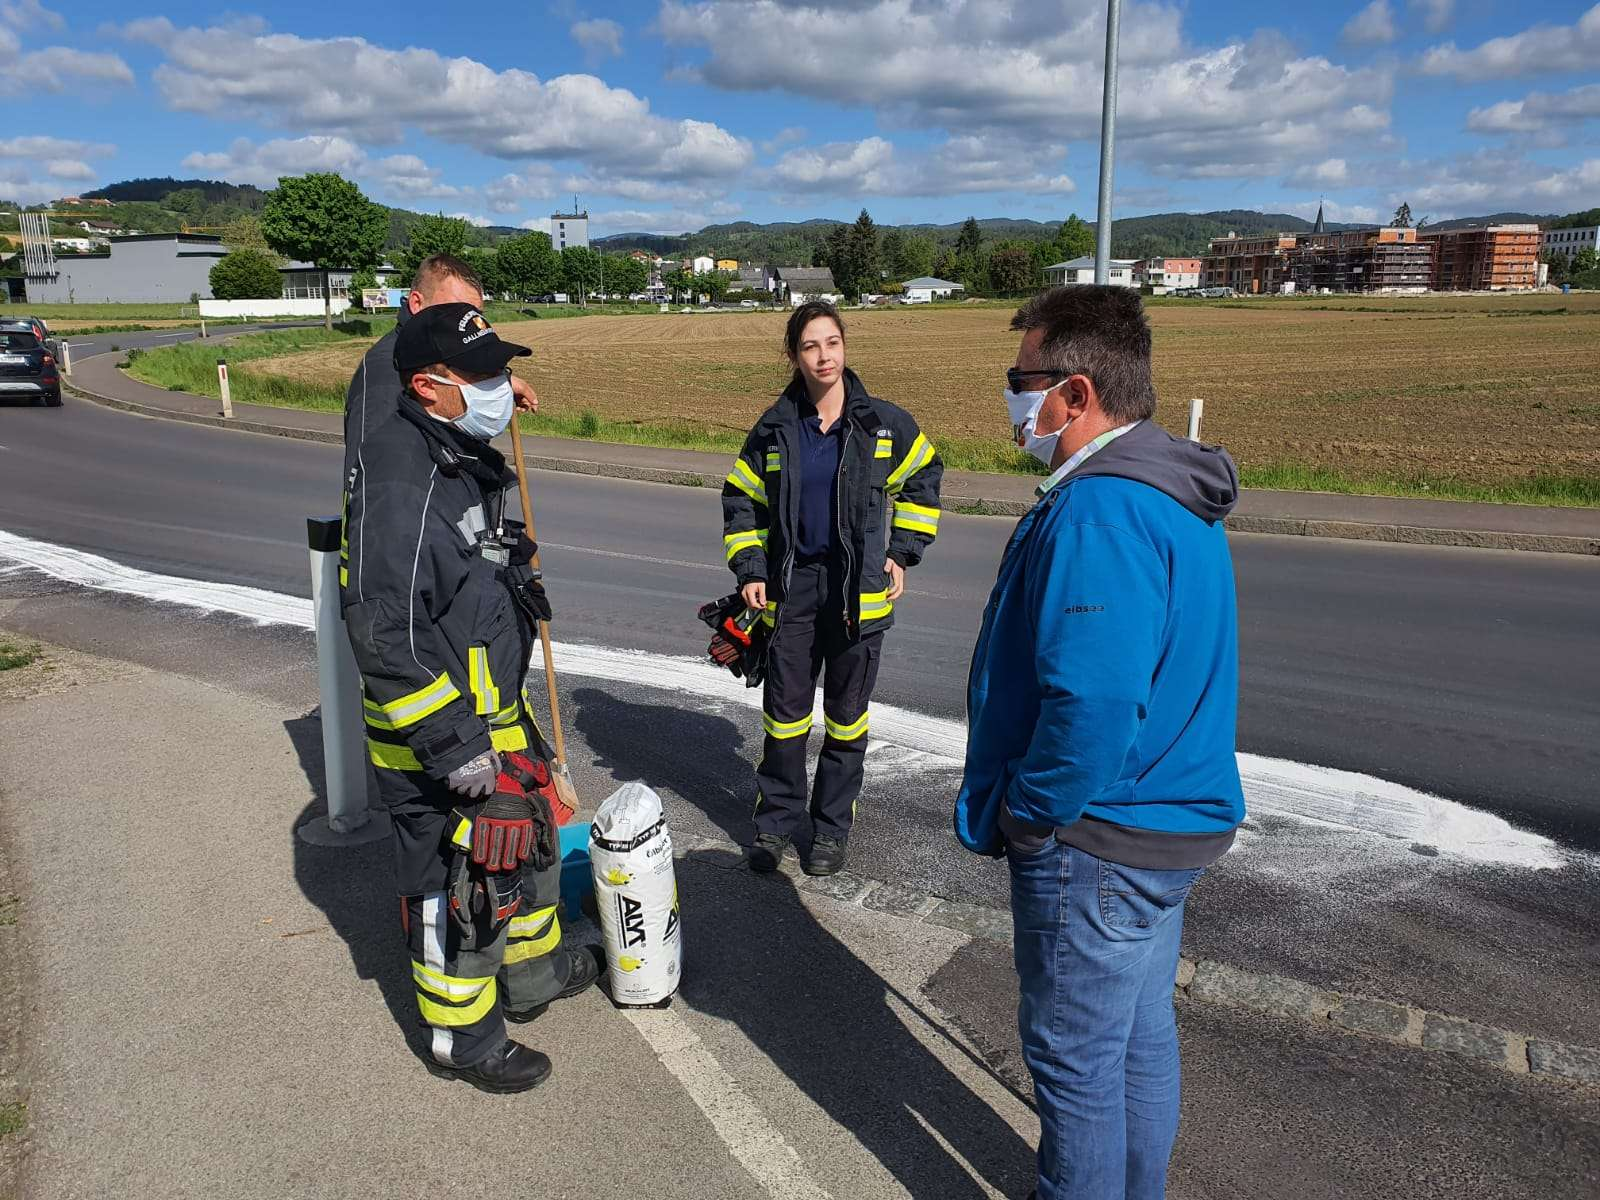 Einsatzreicher Tag für die Feuerwehr Gallneukirchen